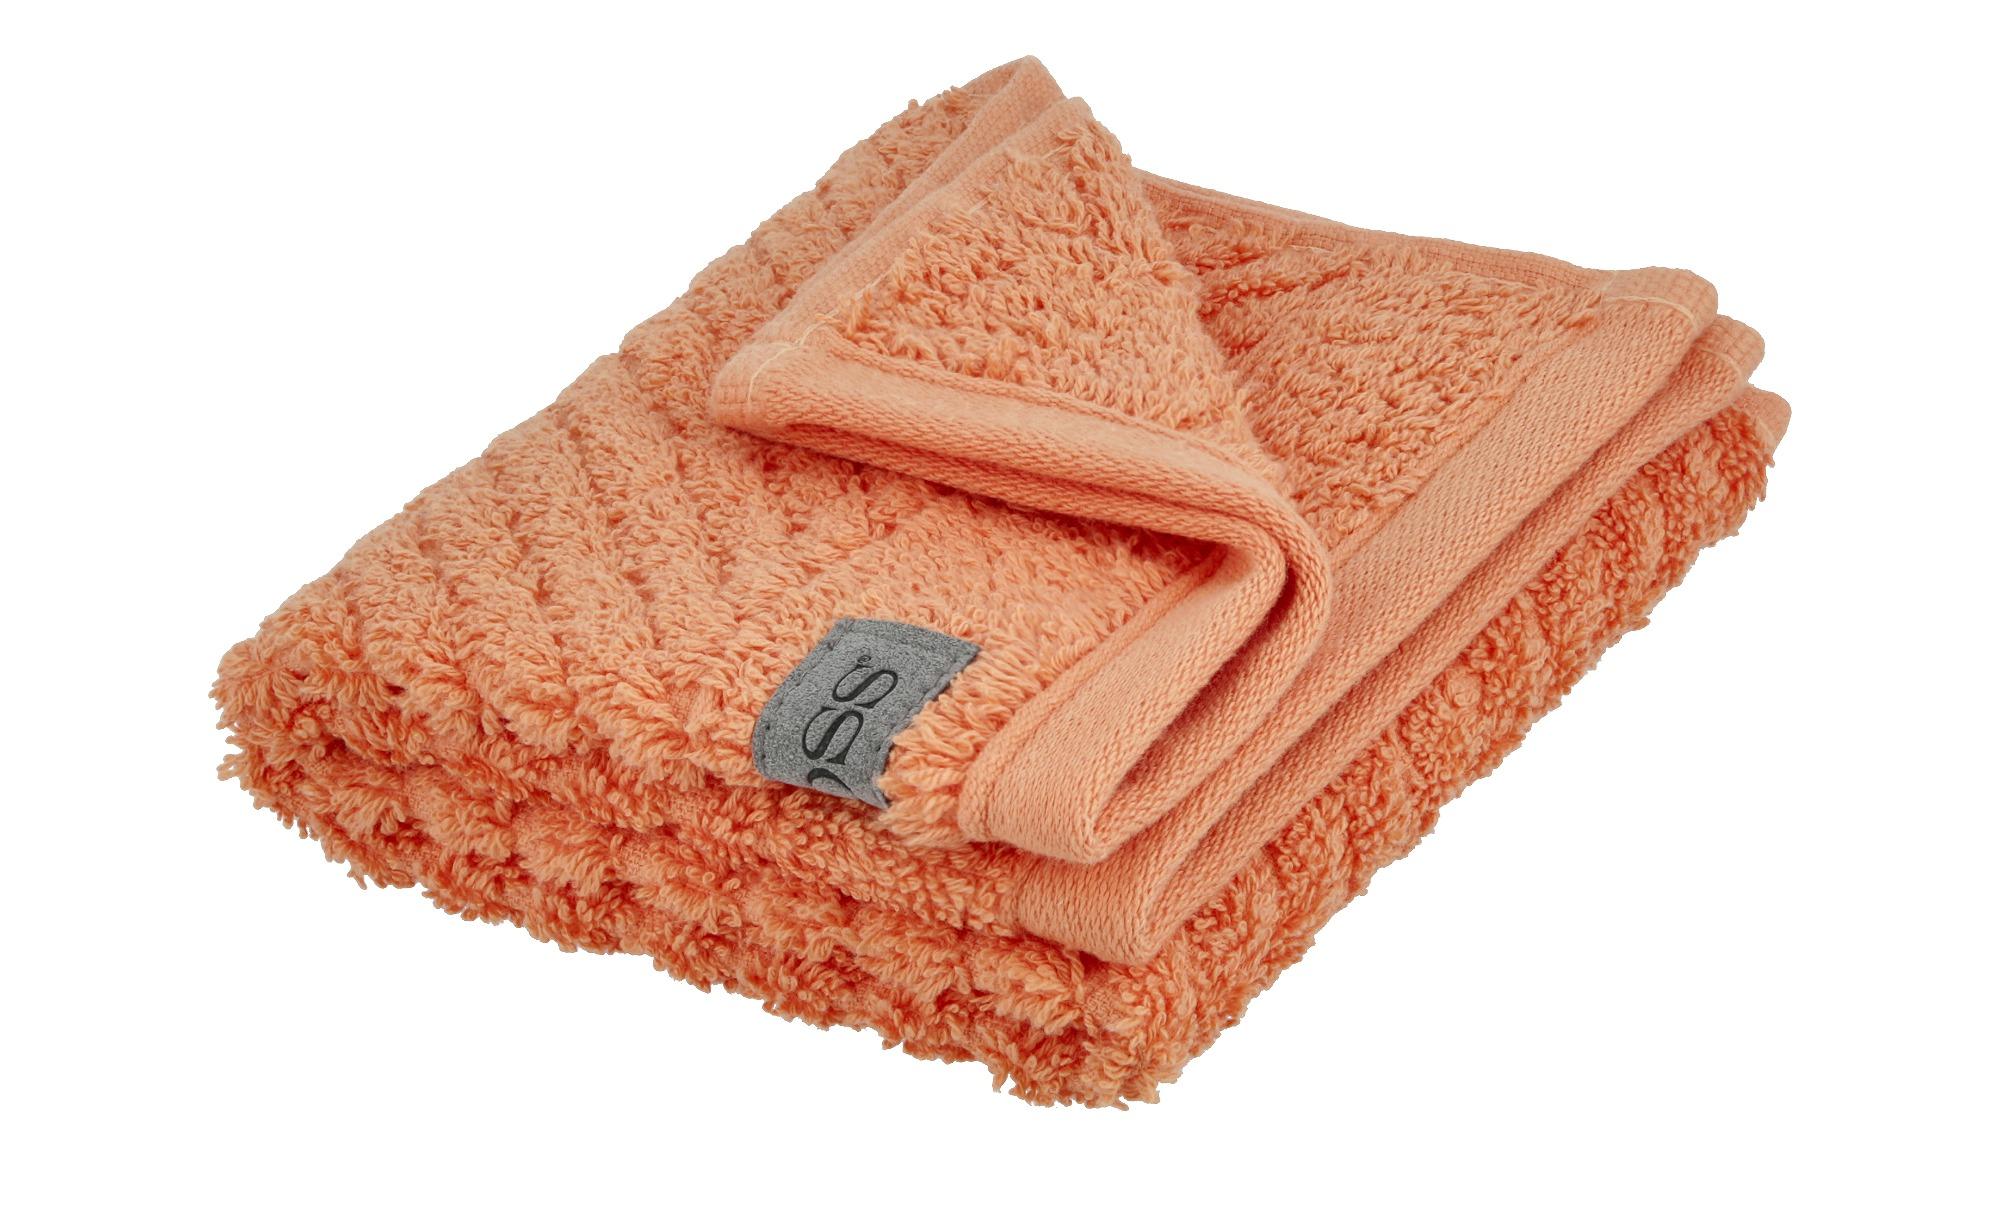 Ross Gästetuch  4006 ¦ orange ¦ 100% Baumwolle ¦ Maße (cm): B: 30 Badtextilien und Zubehör > Handtücher & Badetücher > Gästetücher - Höffner